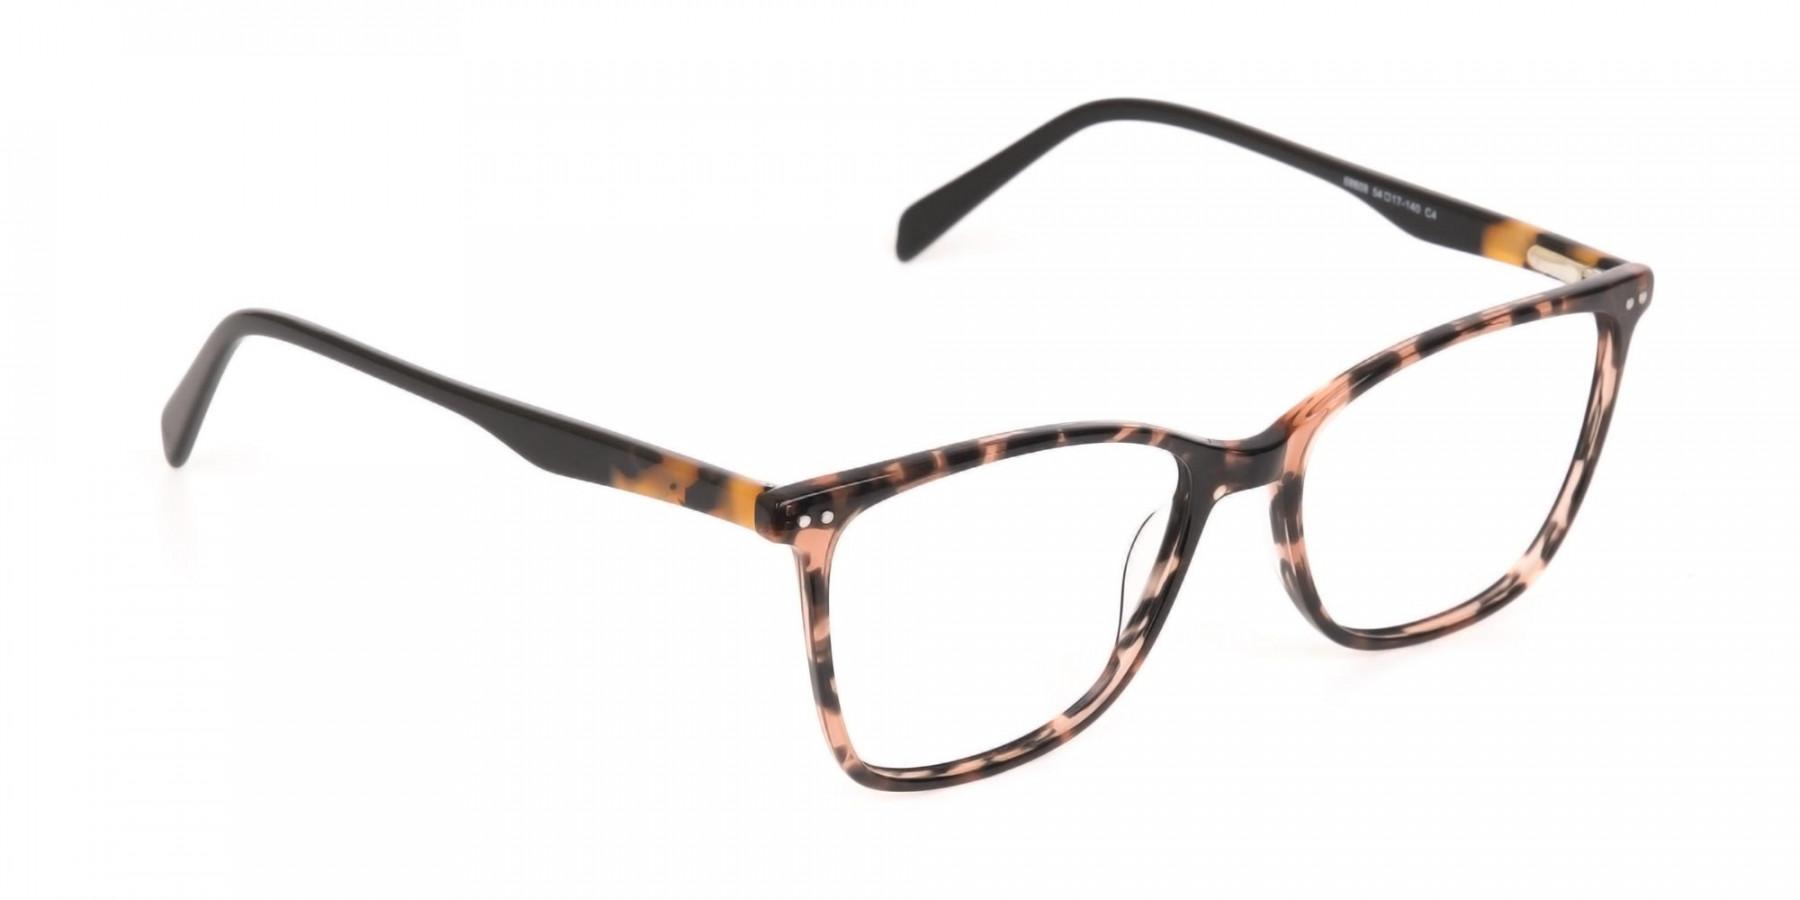 Designer Tortoiseshell Eyeglasses For Women-1